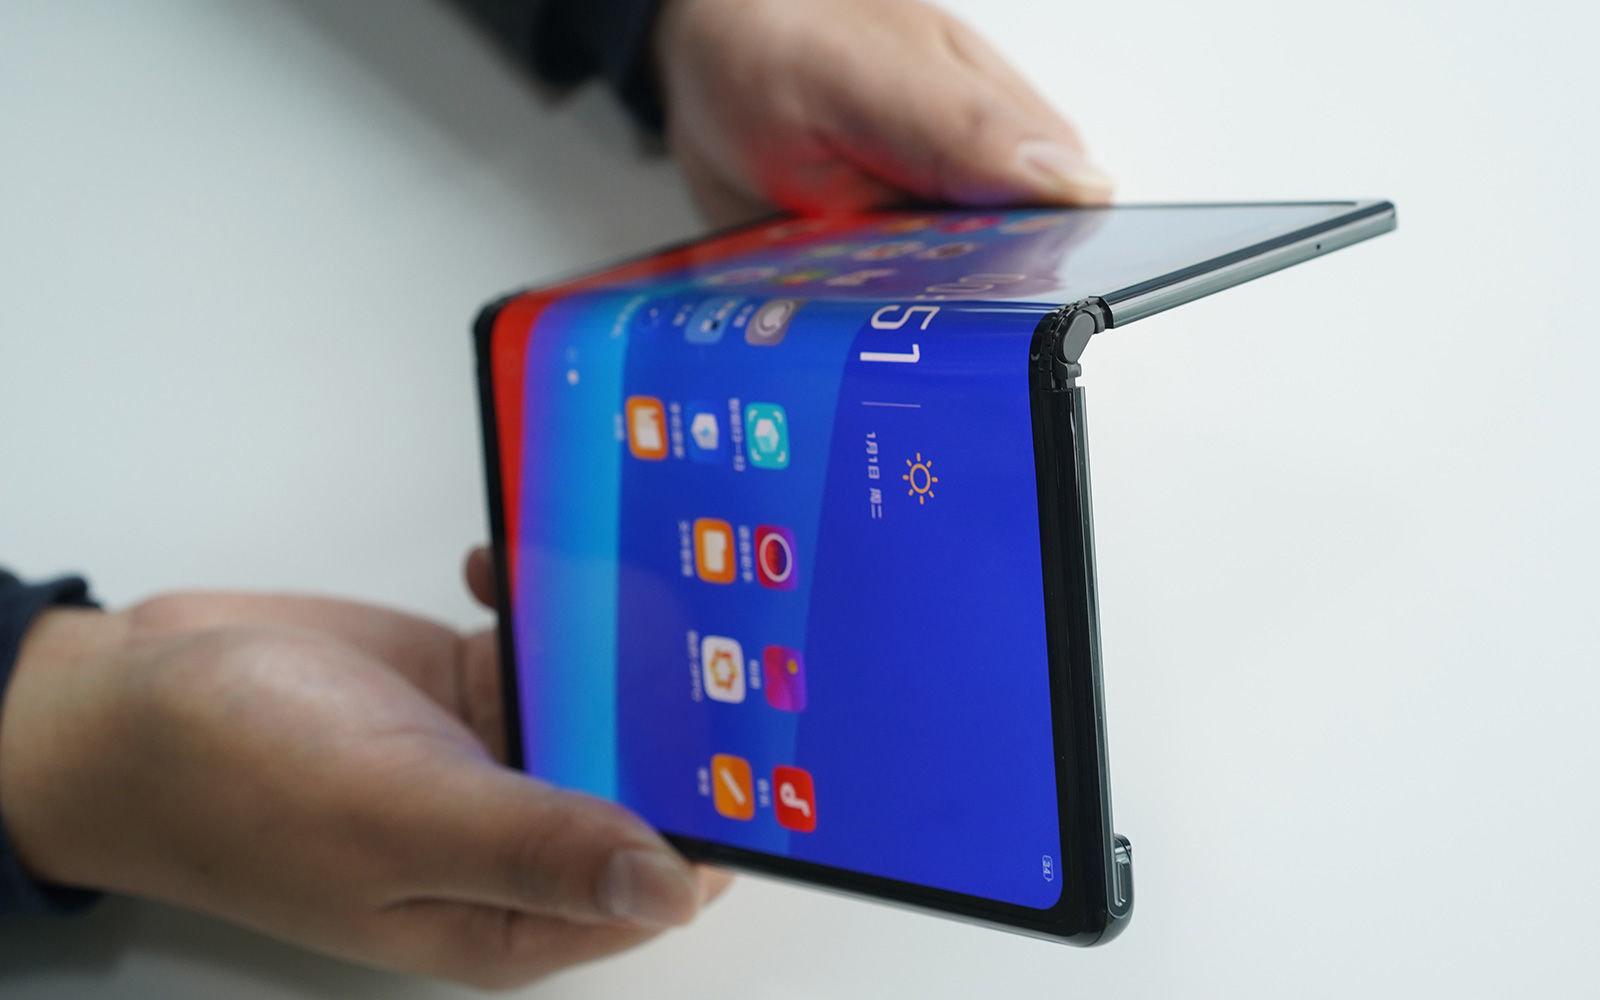 últimas novedades en los avances tecnológicos, teléfono plegable tipo tables de Huawai